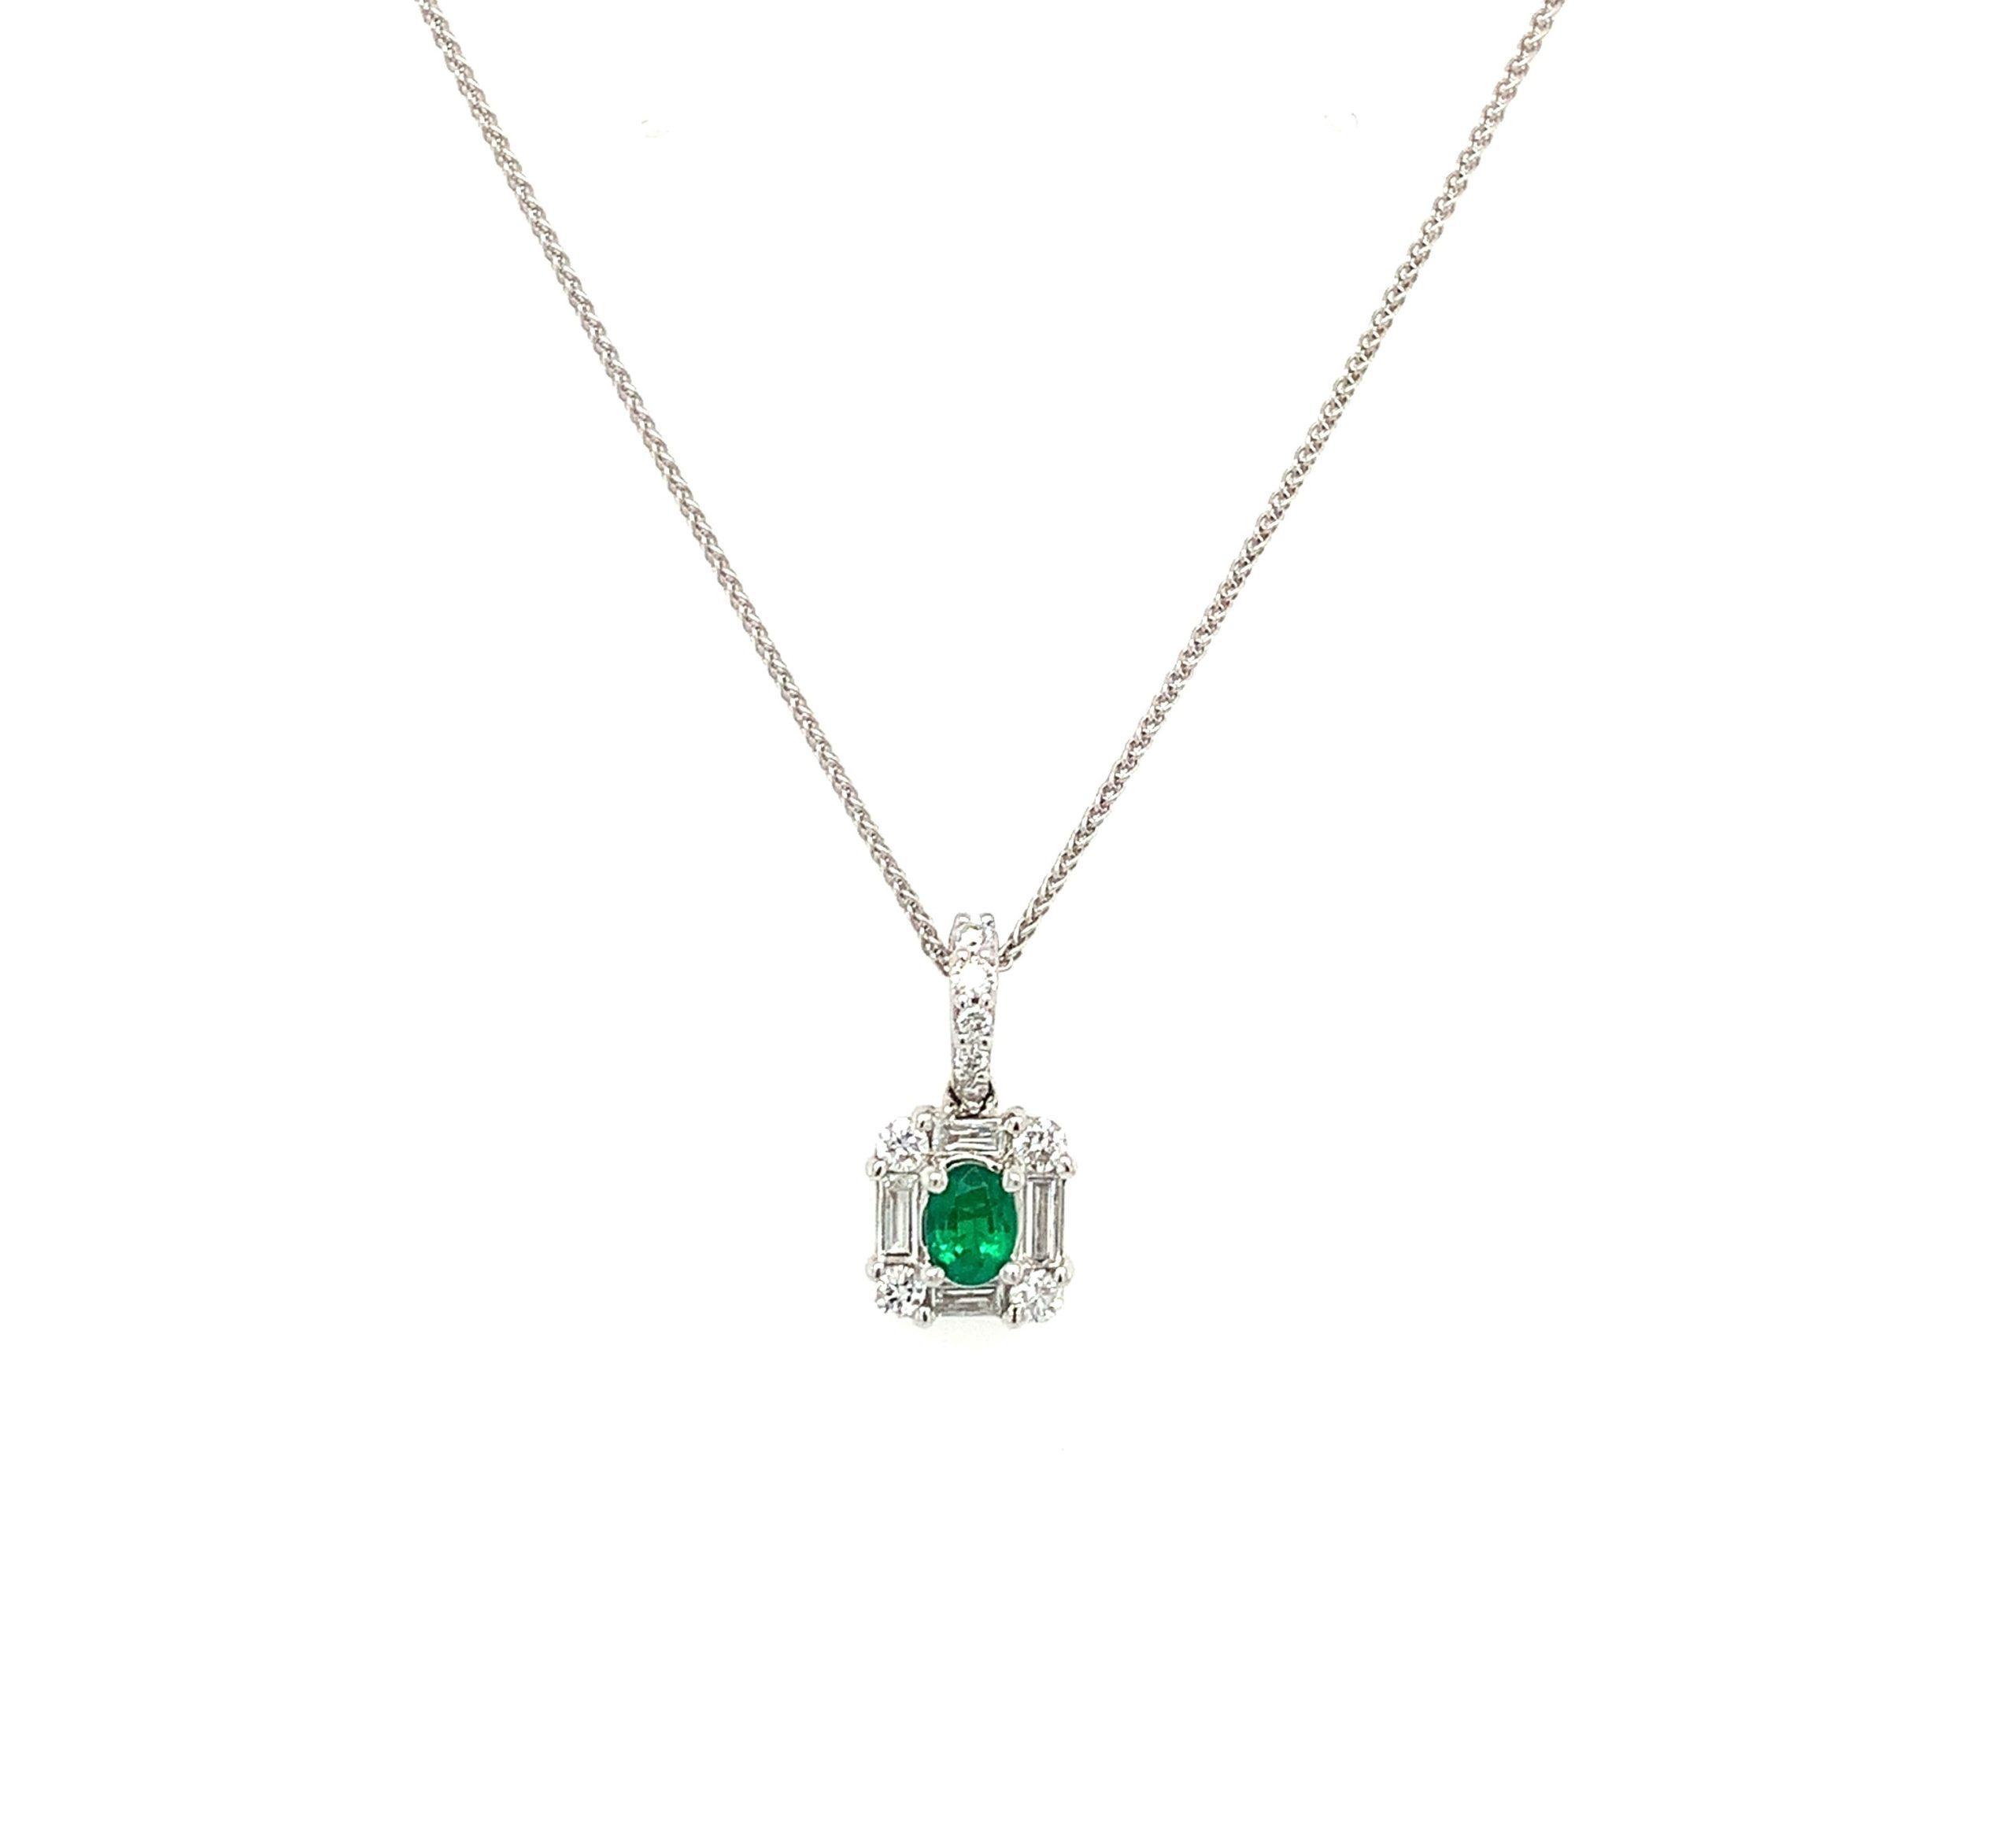 White Gold Emerald Pendant